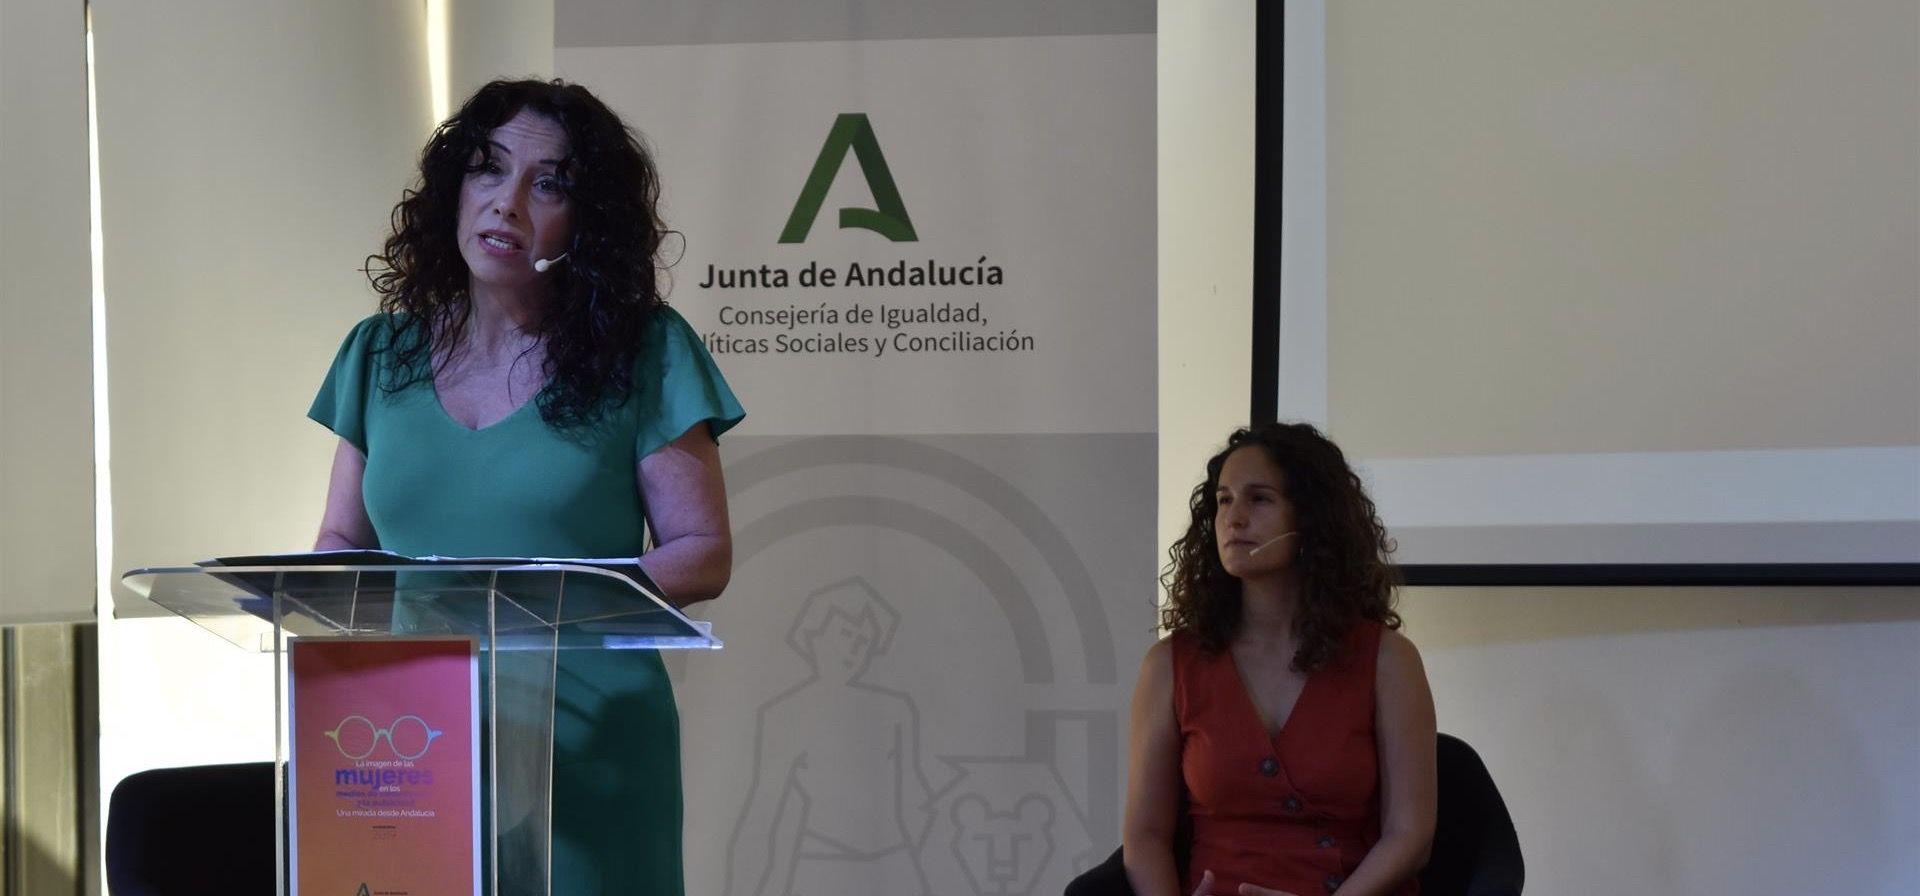 El estudio concluye también que la presencia de las mujeresse concentra en los ámbitos más feminizados, como sociedad y cultura.